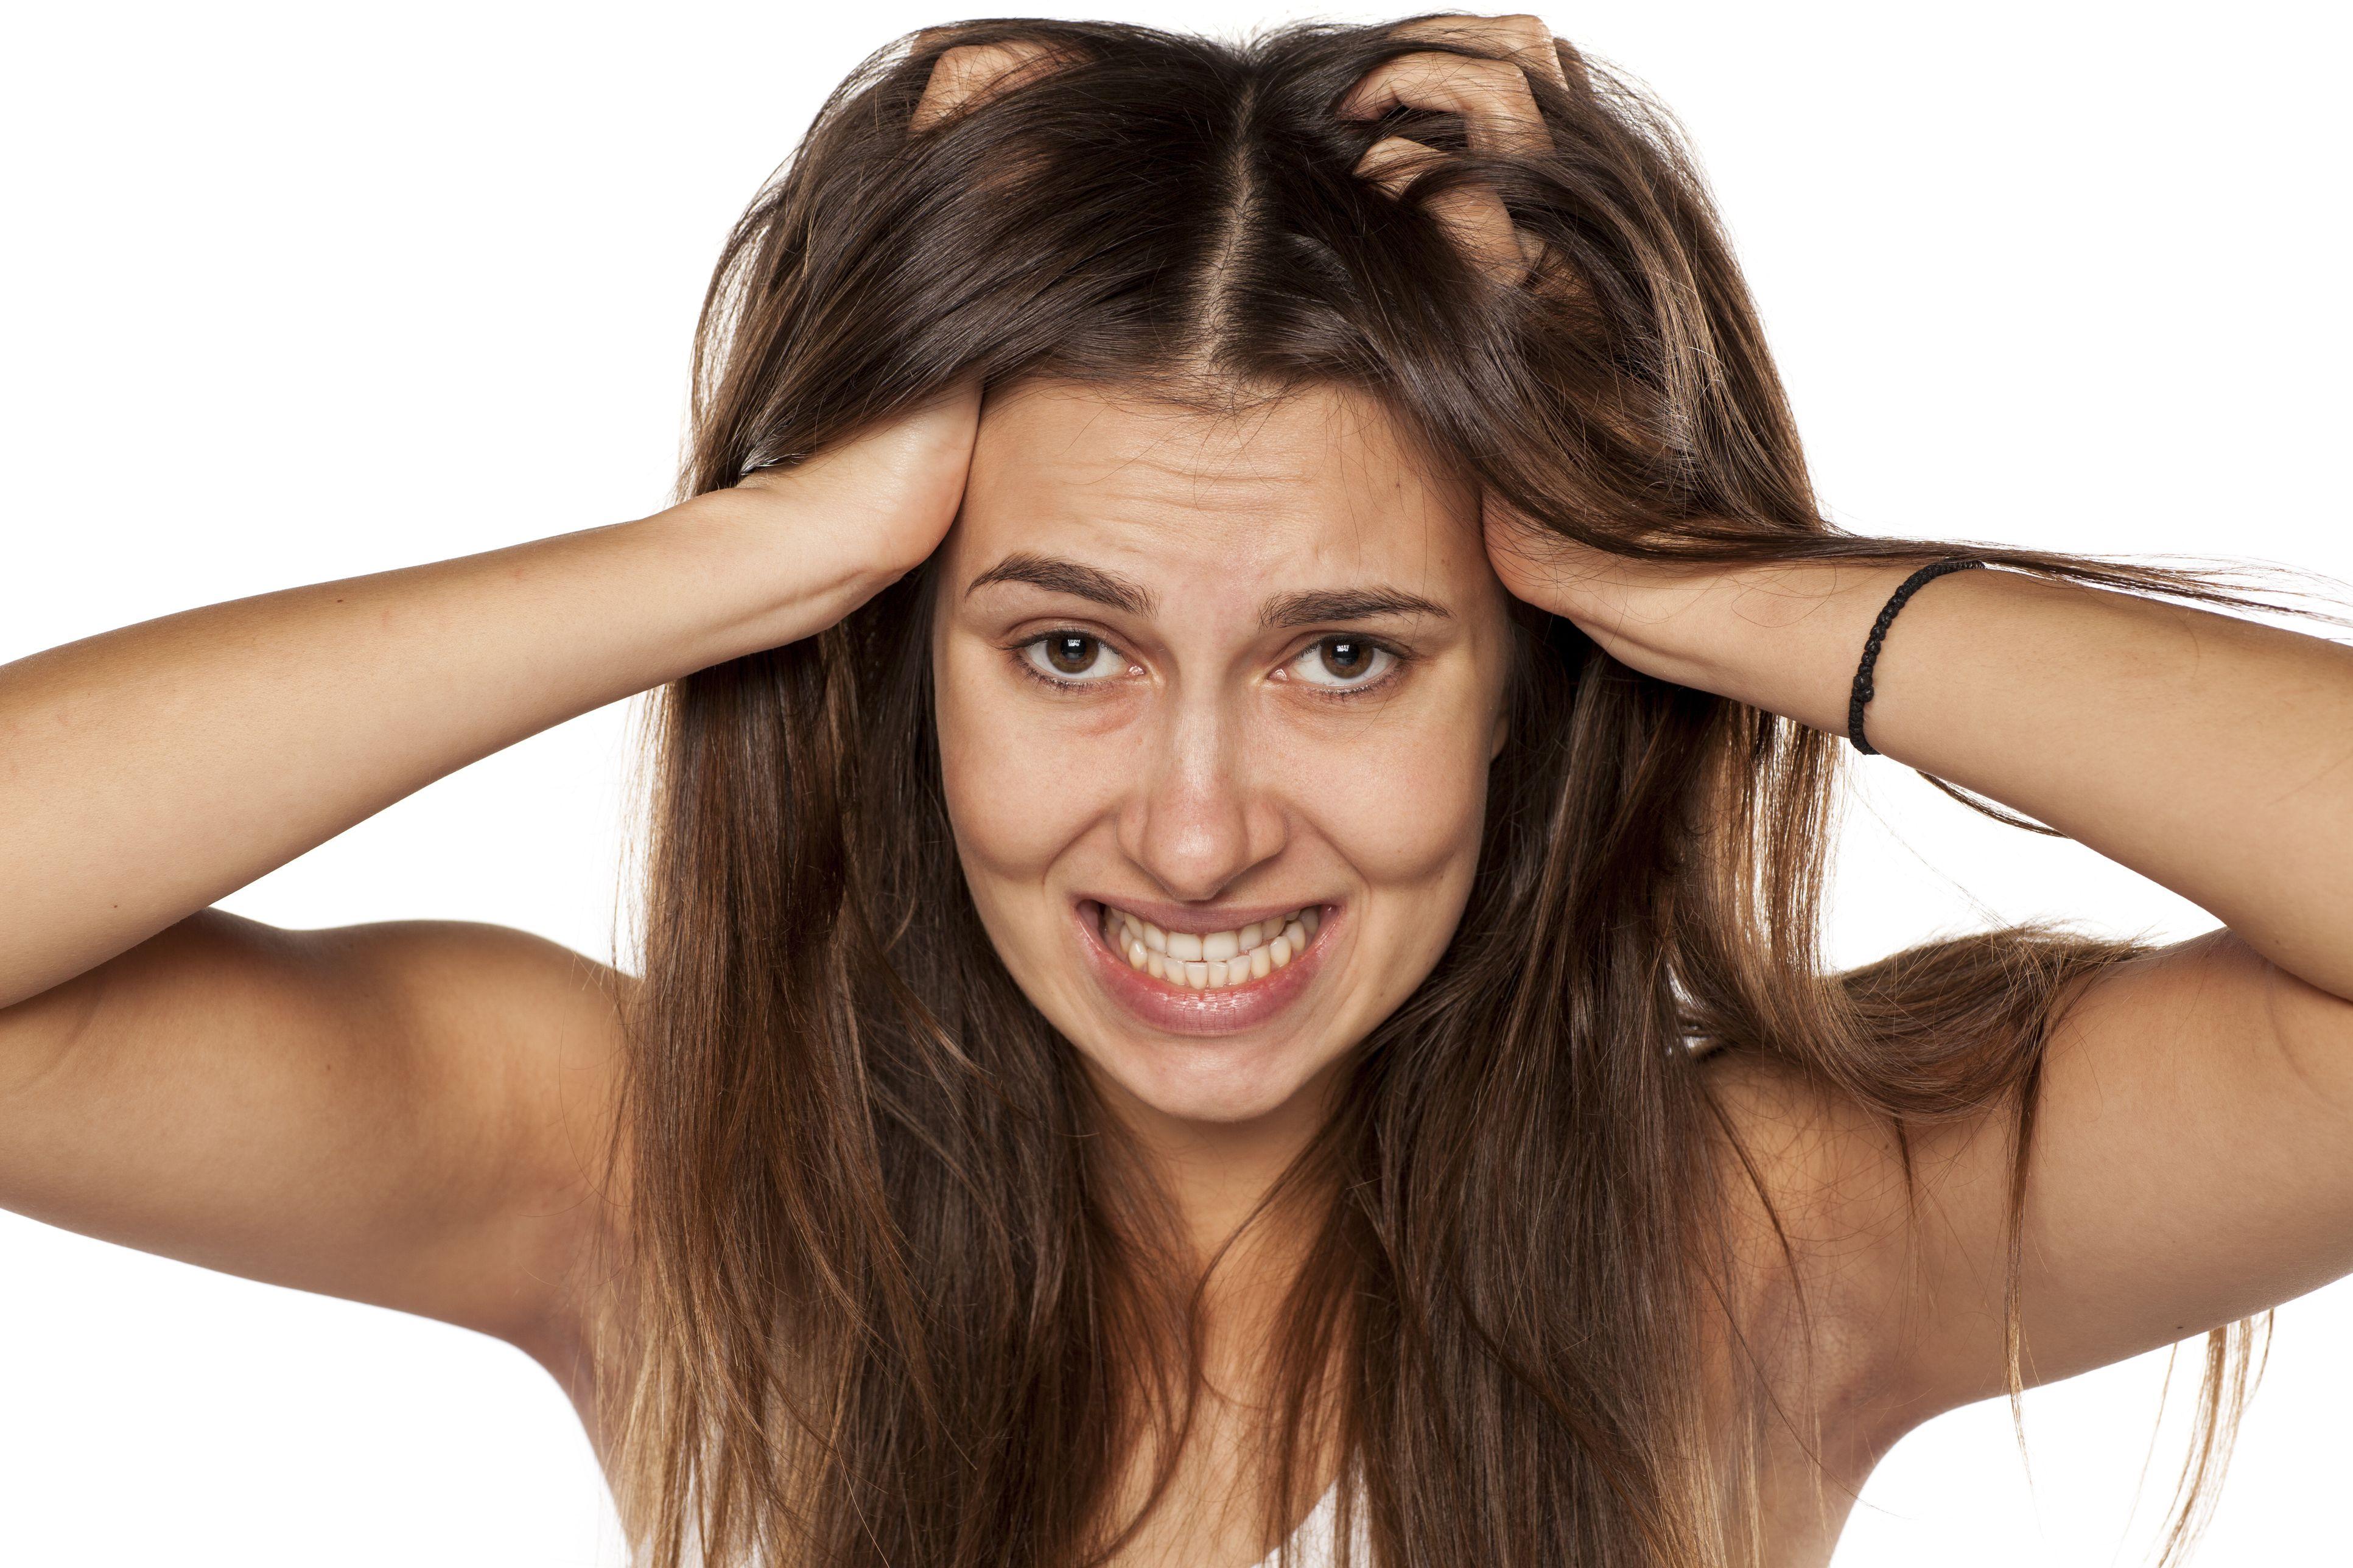 orvosság pikkelysömörhöz szőrös bőrfelületekre psoriasis vulgaris progresszív stádiumú kezelés